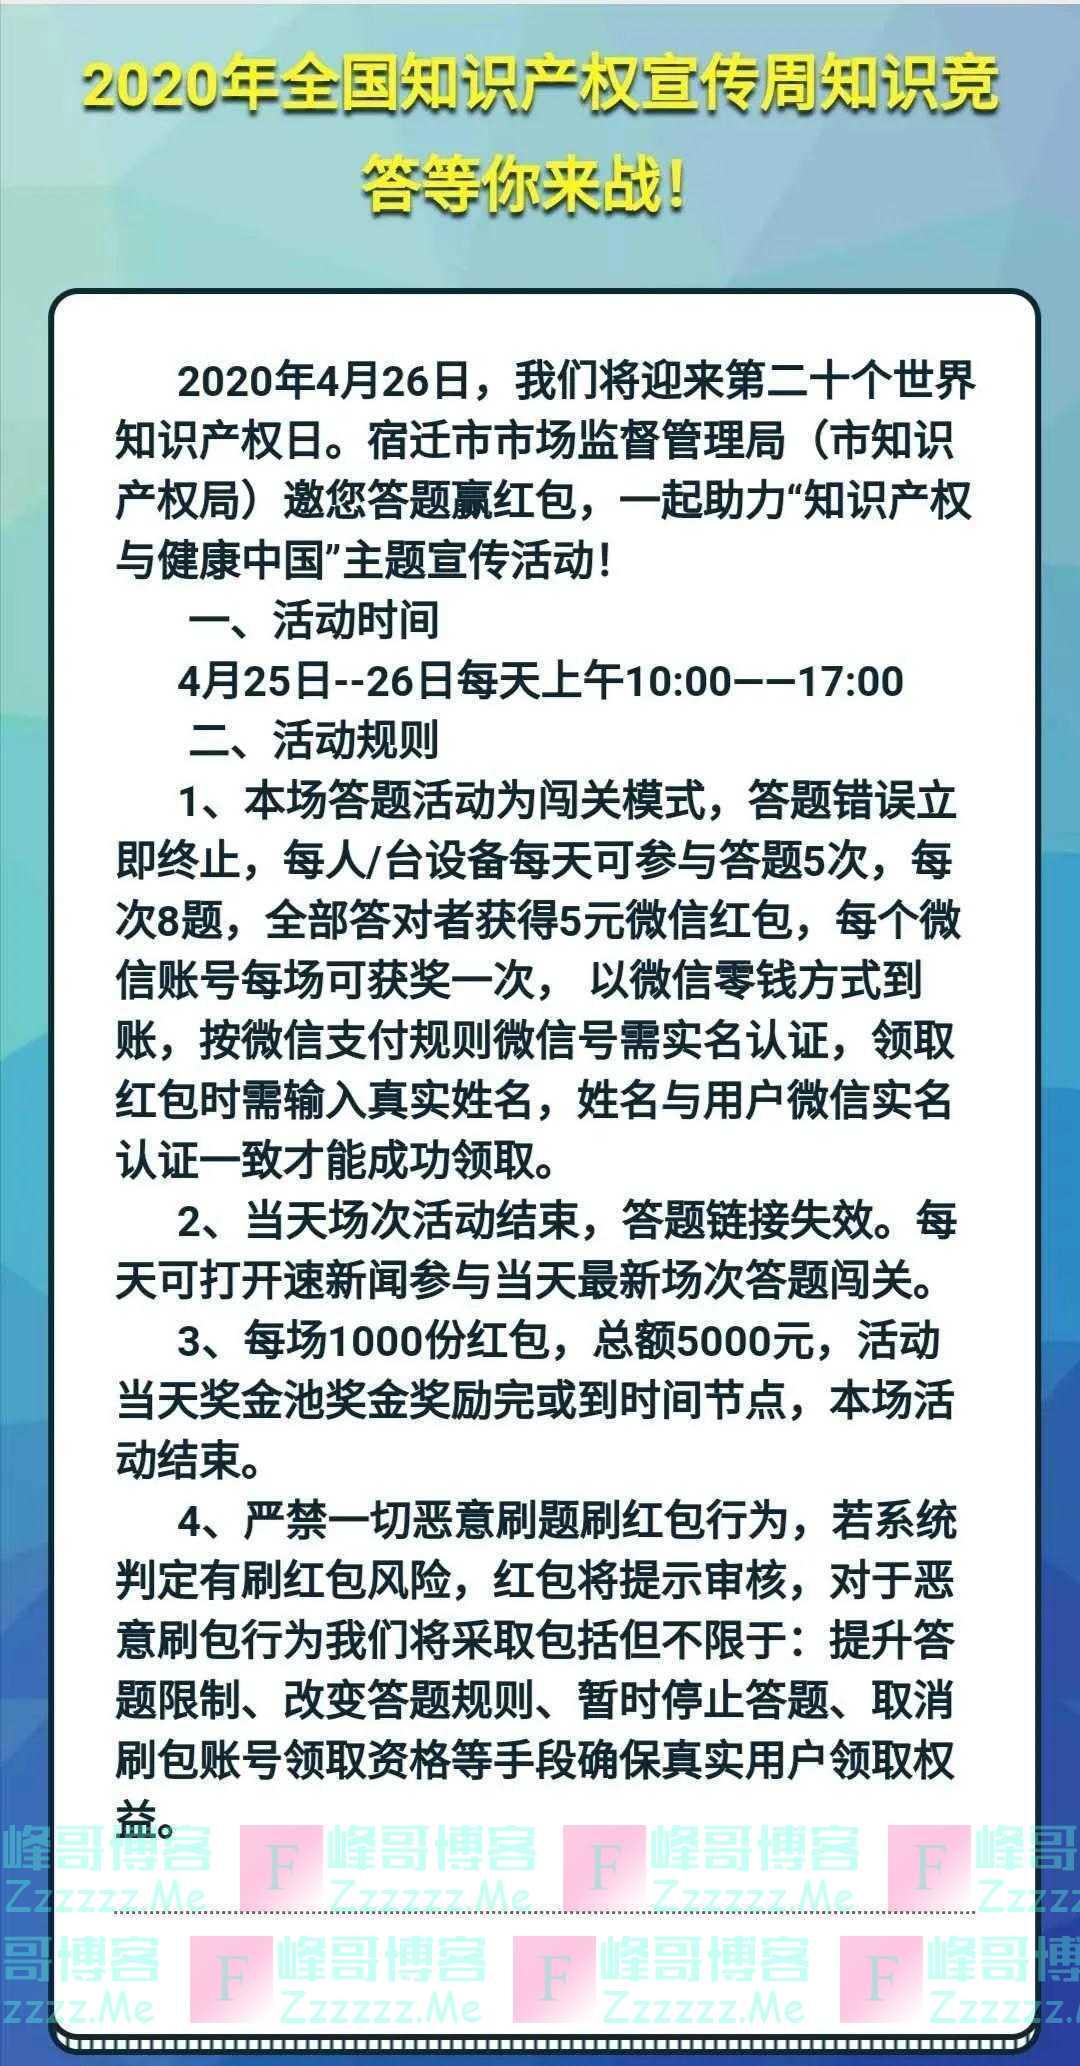 宿迁日报社知识产权周答题赢红包(截止4月26日)